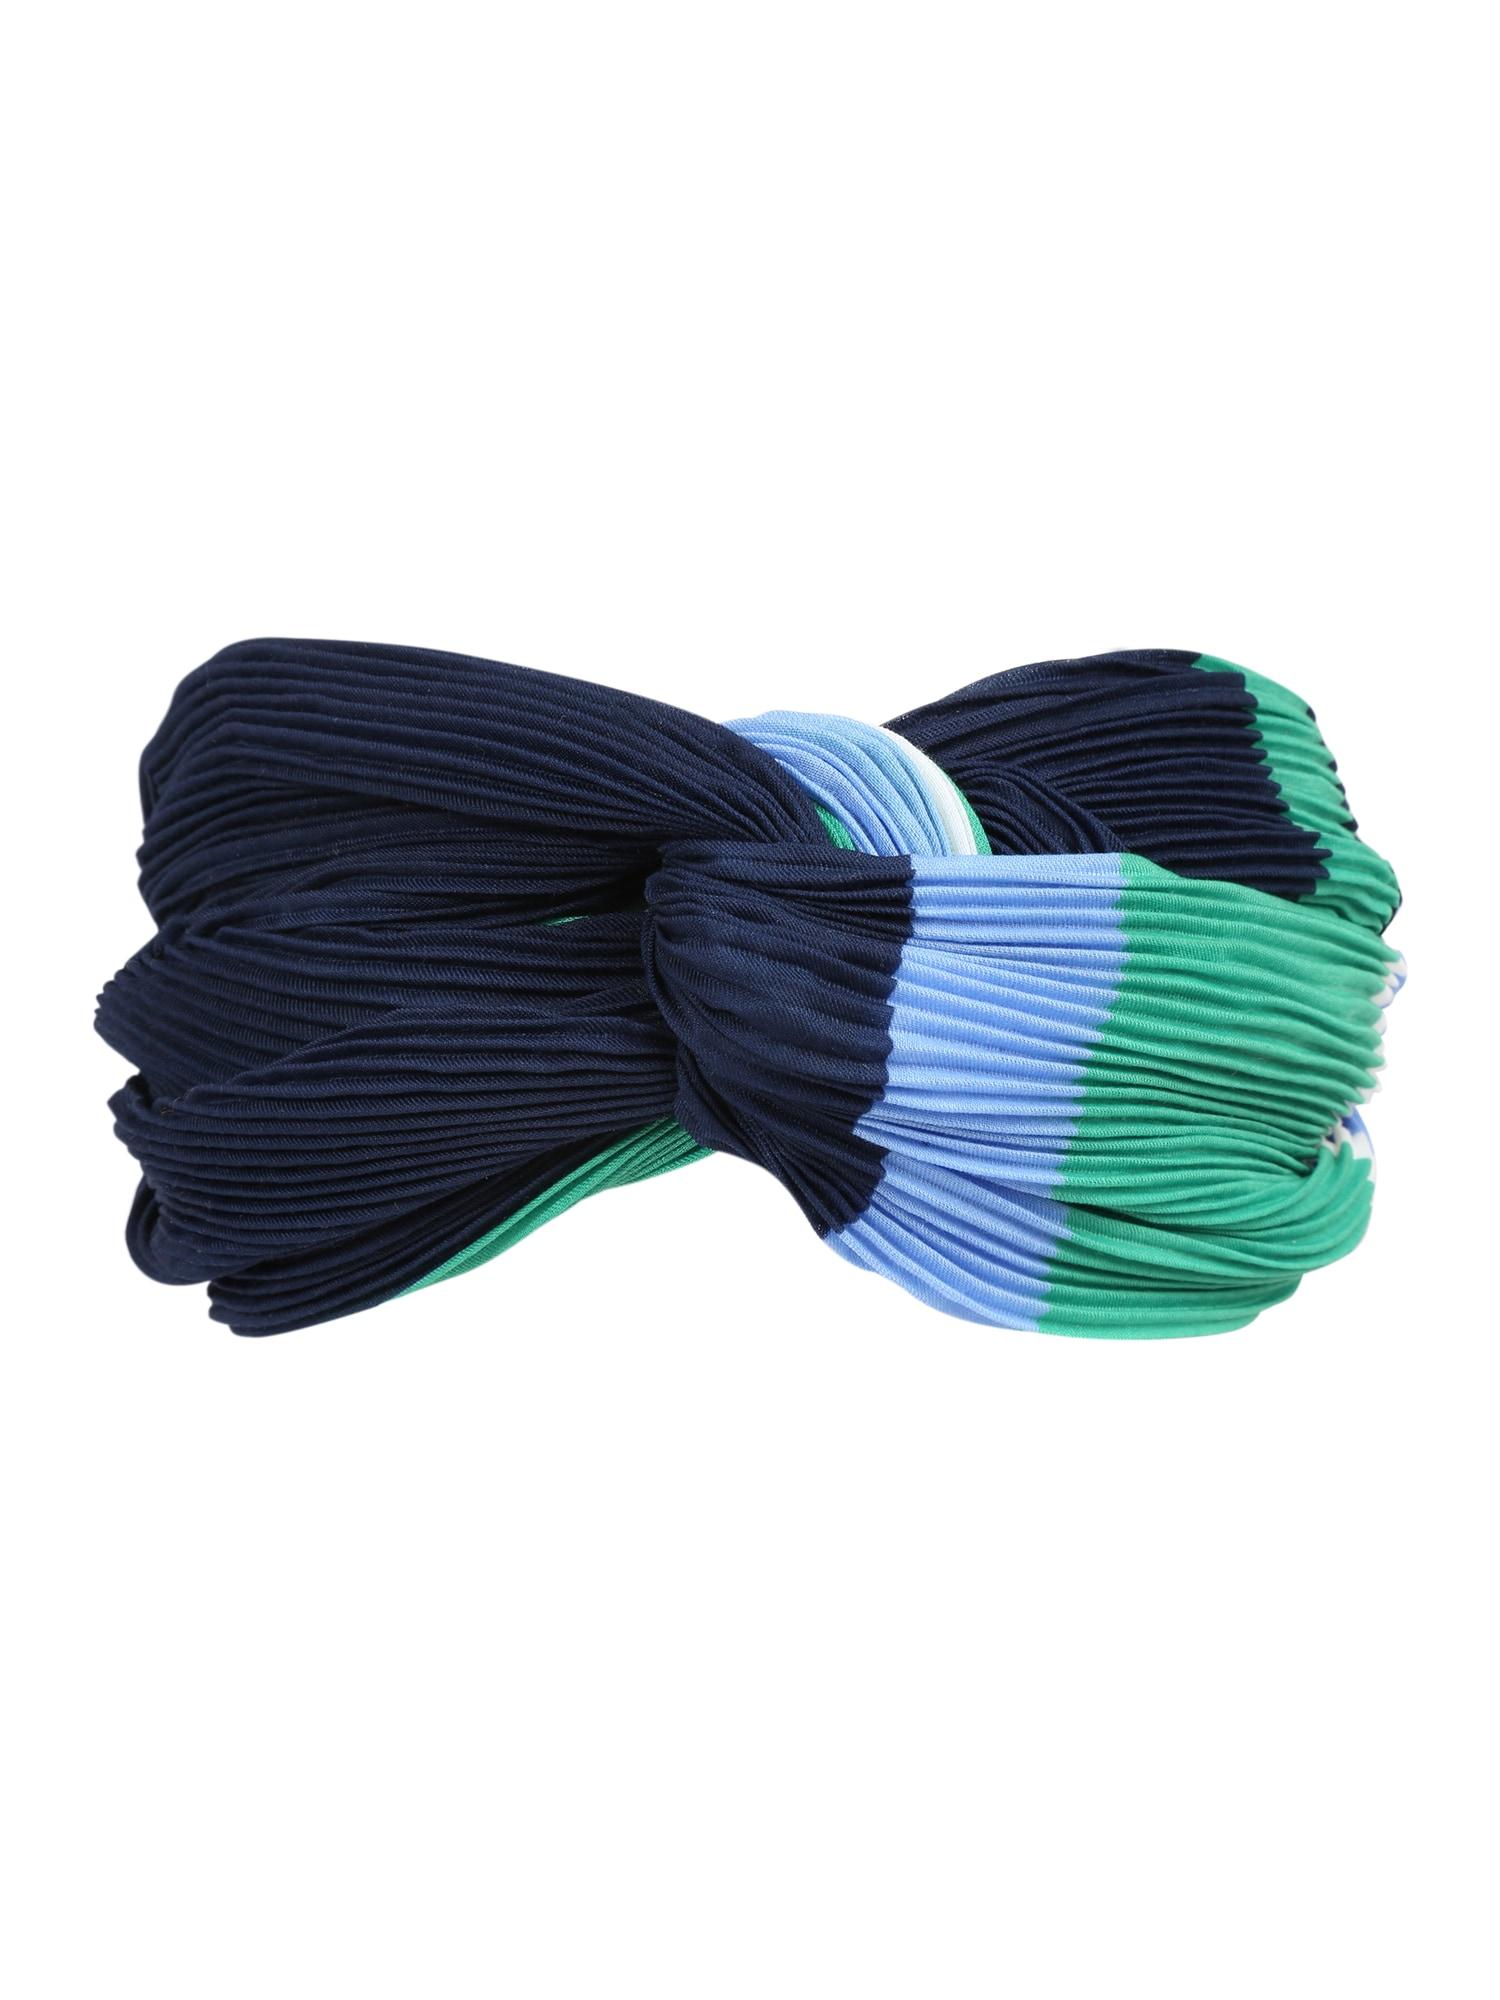 Šperky do vlasů modrá zelená ESPRIT